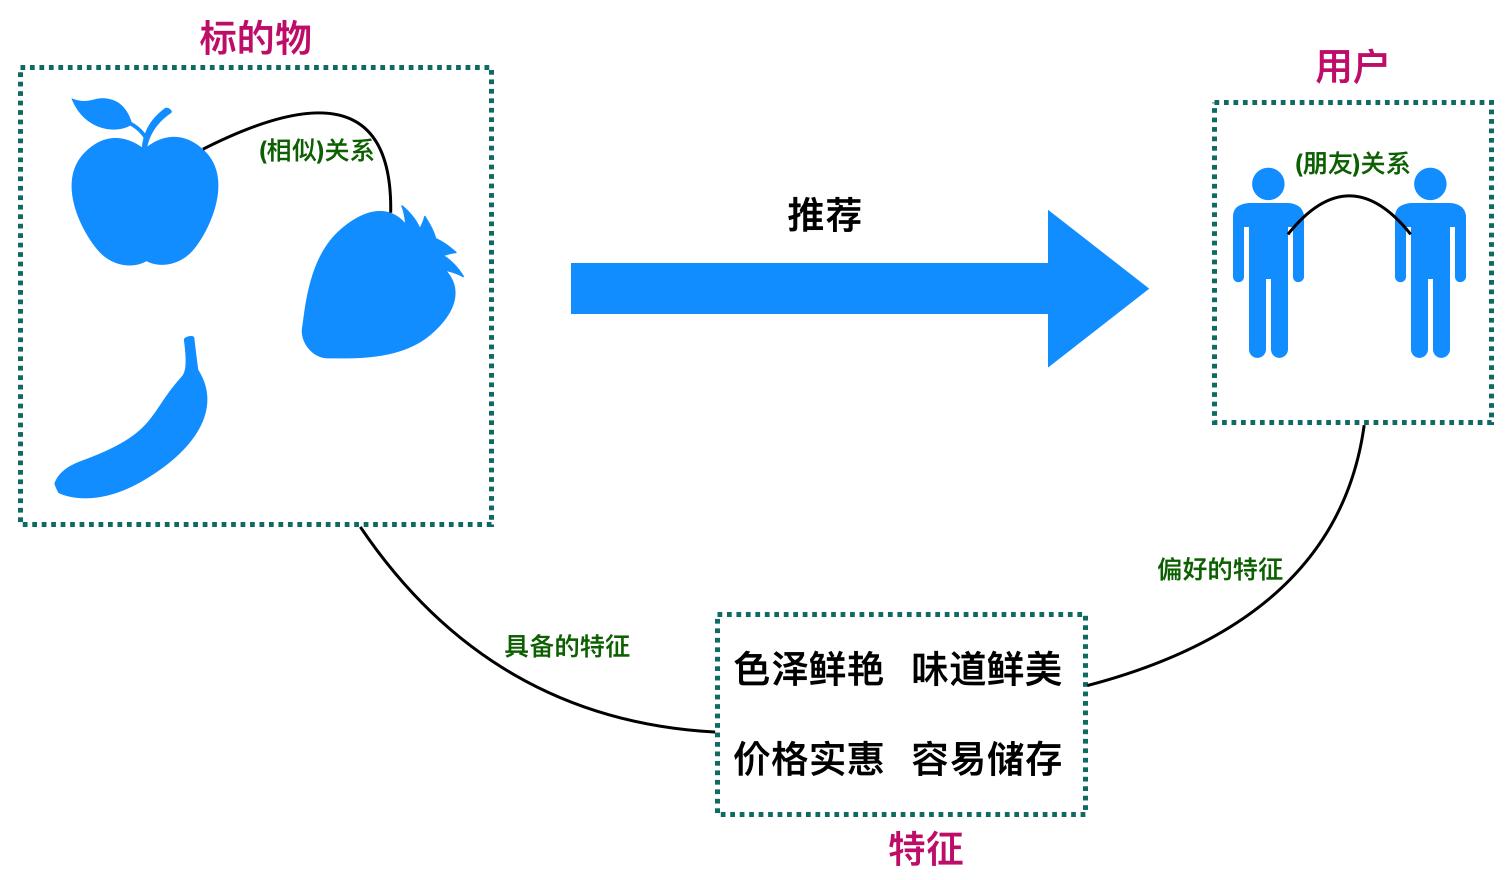 打造工业级推荐系统(十):如何构建可解释的推荐系统